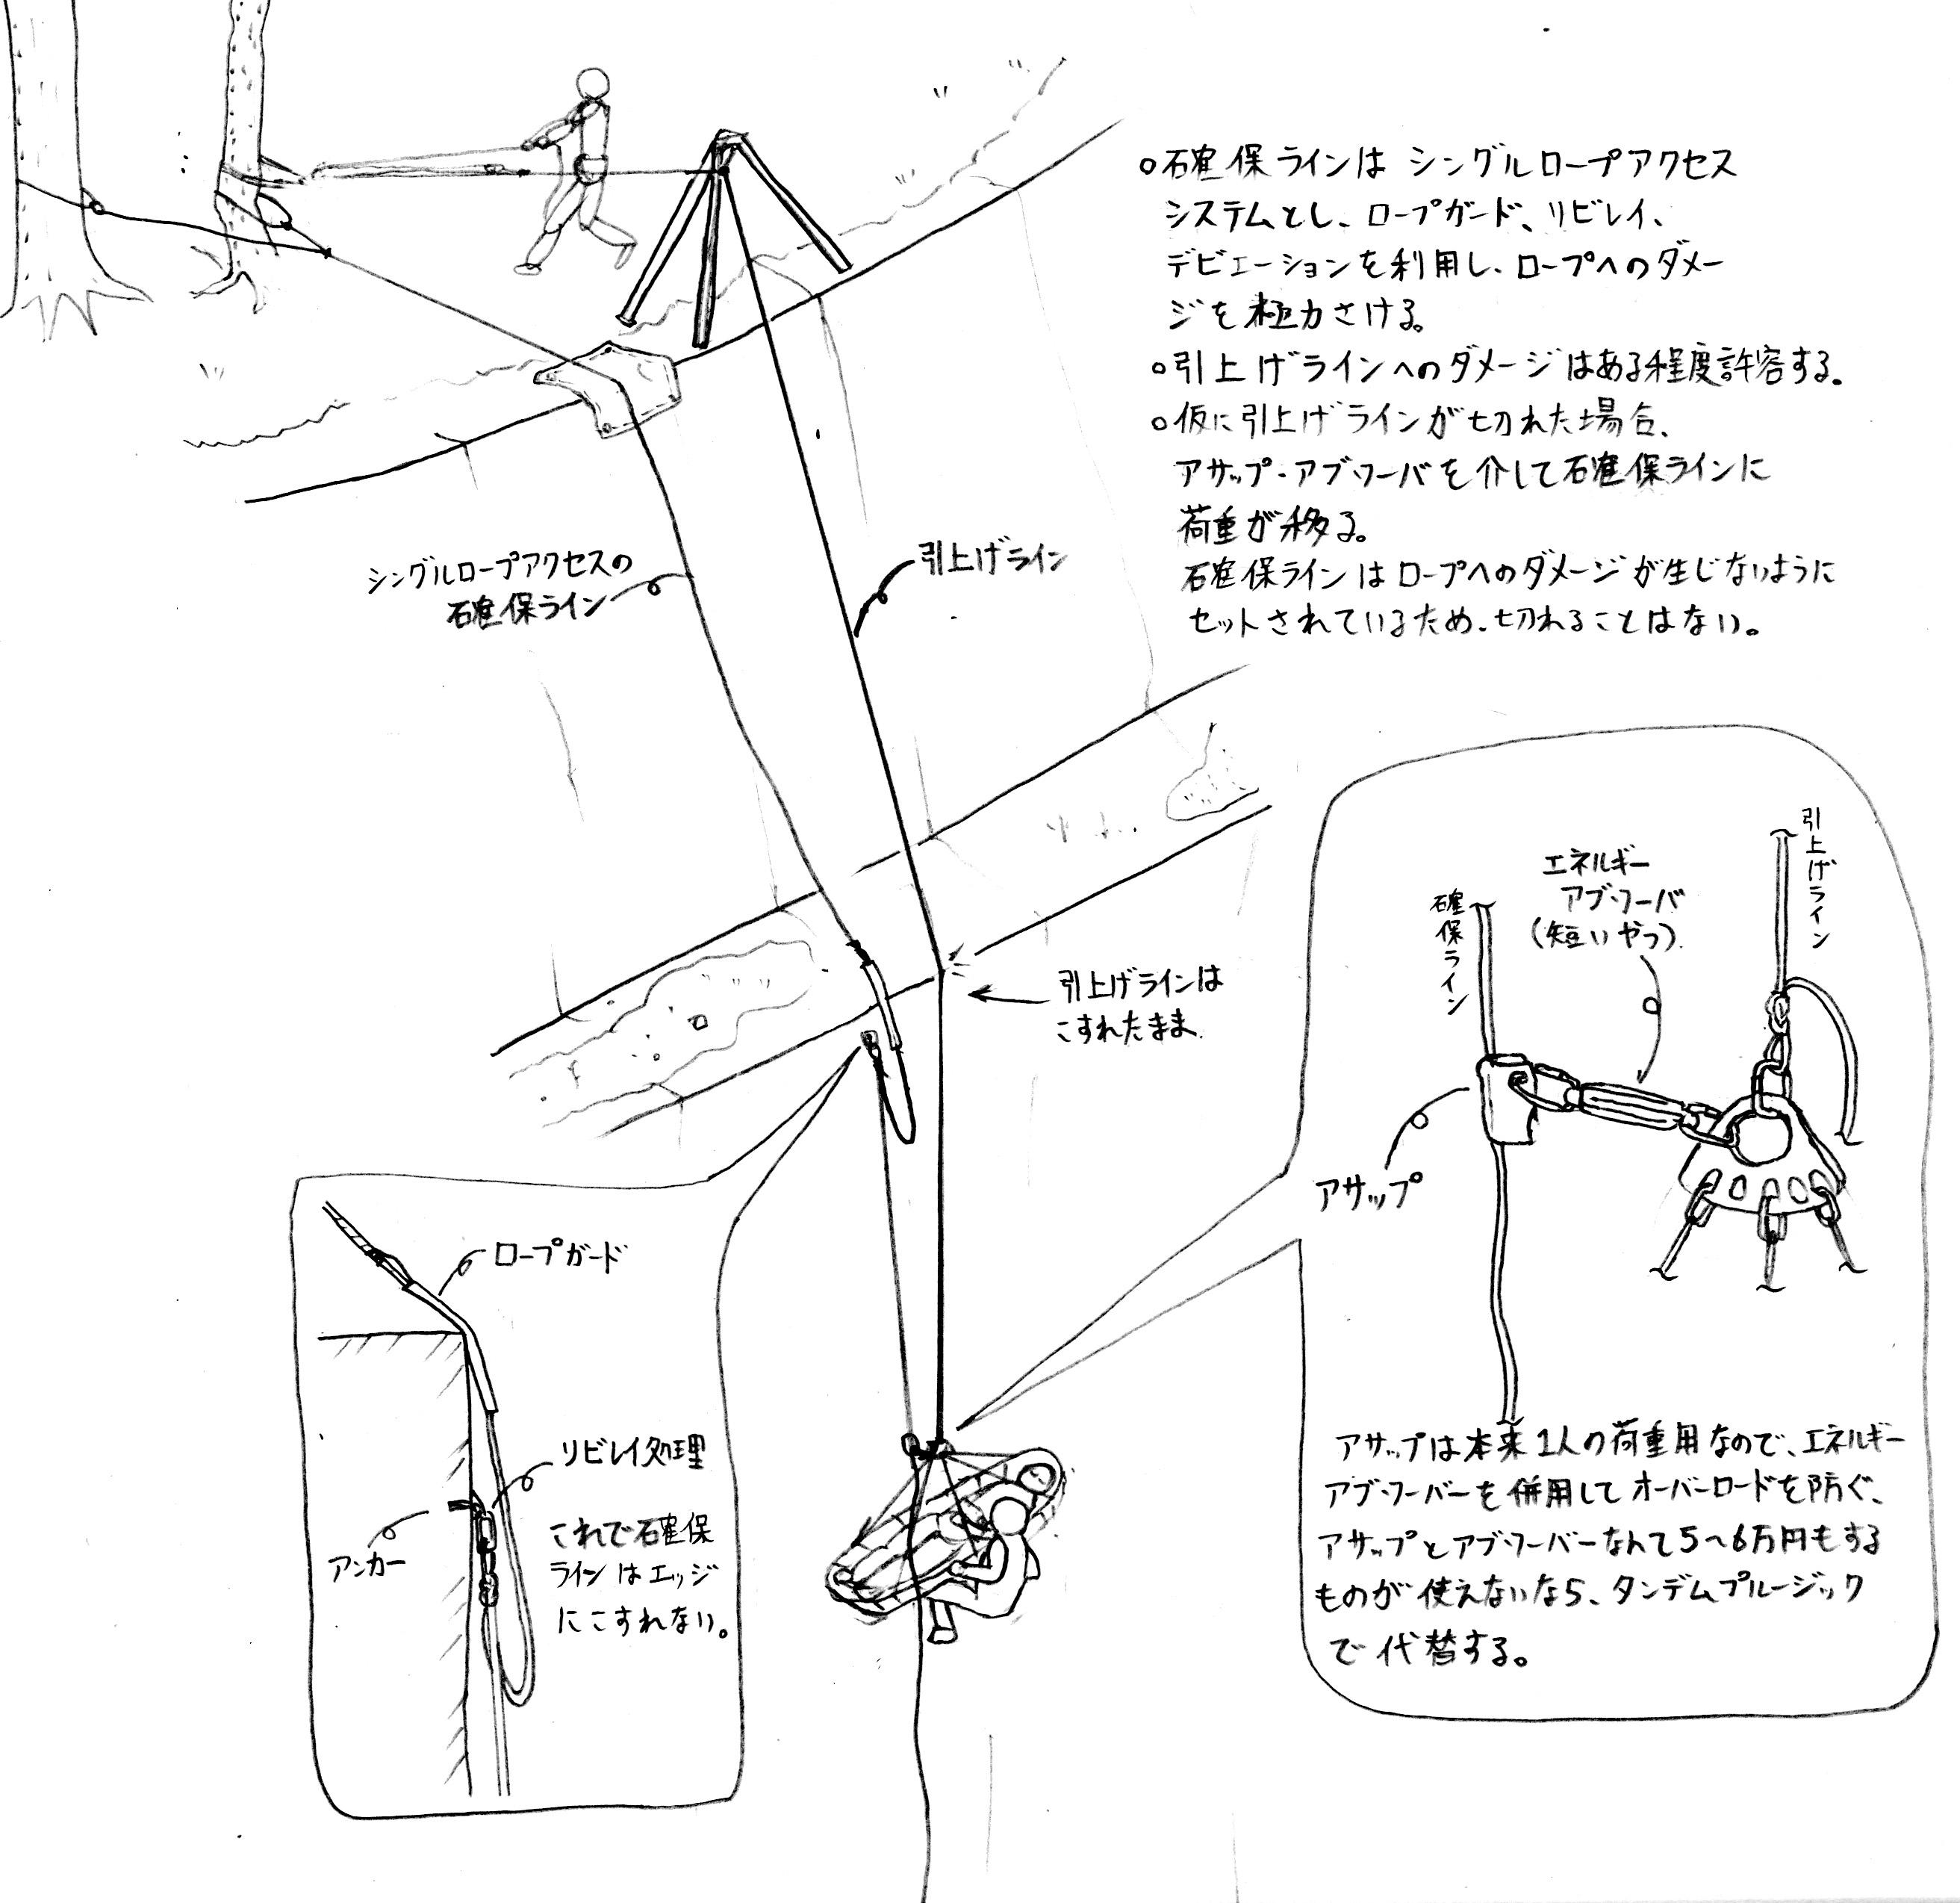 特殊高所技術の広場(ロープ高所作業,ロープアクセス) : 担架 ...